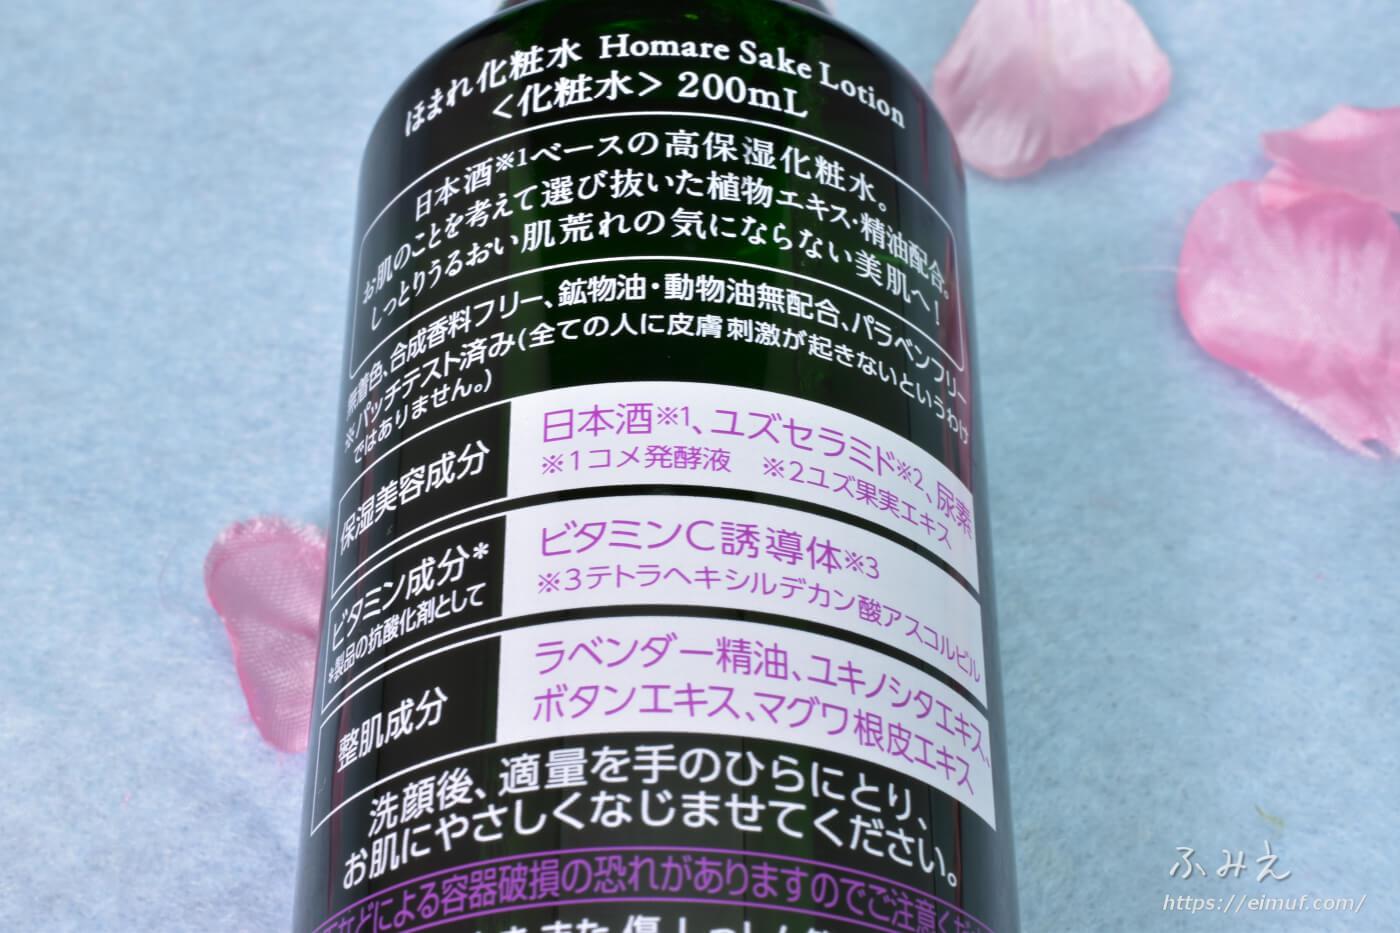 会津ほまれ化粧水パッケージ裏面を拡大